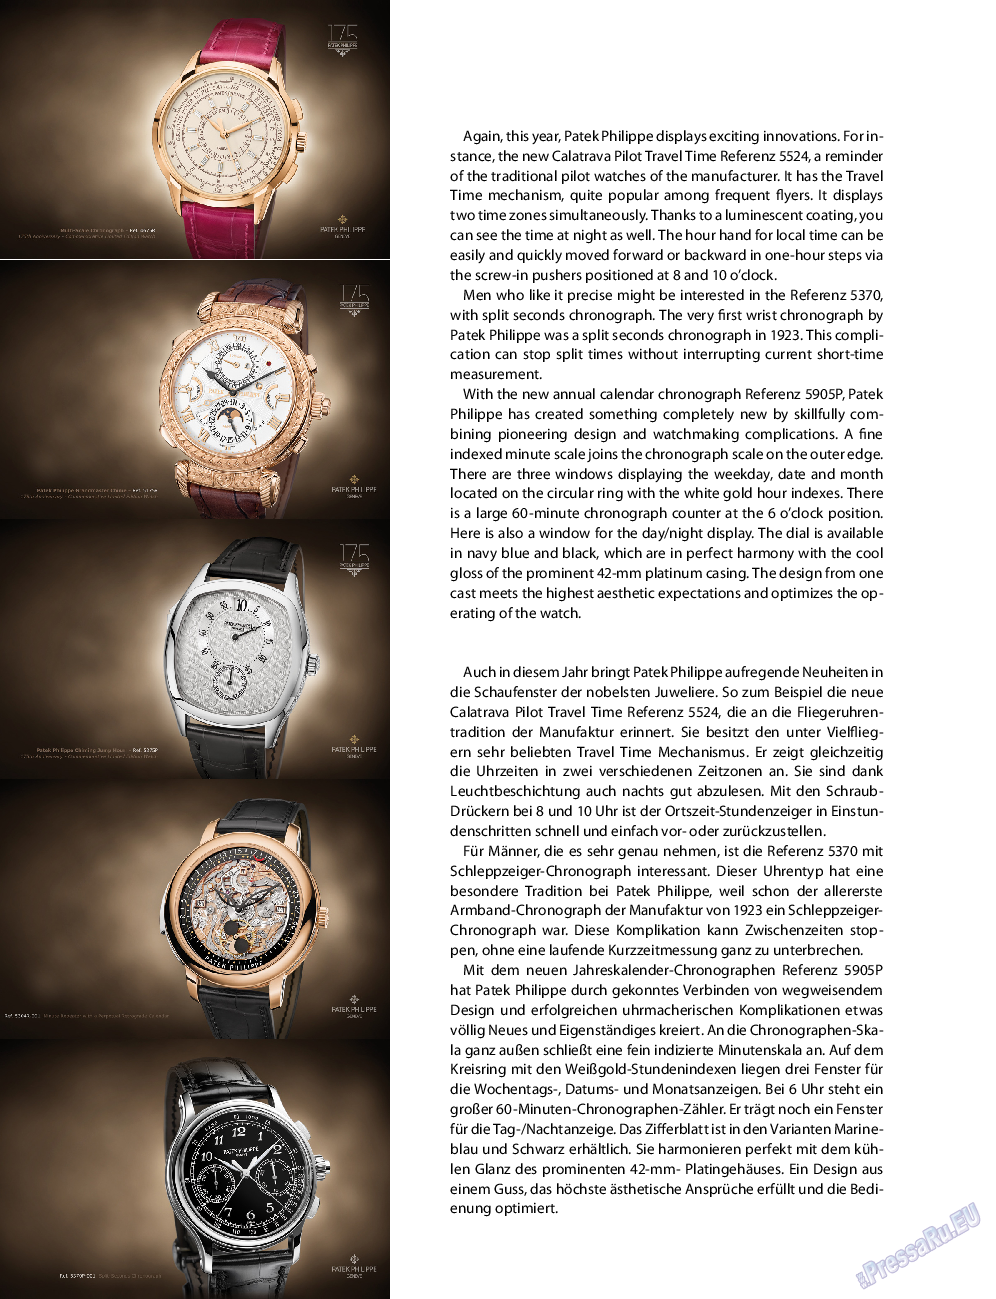 Клан (журнал). 2015 год, номер 9, стр. 140